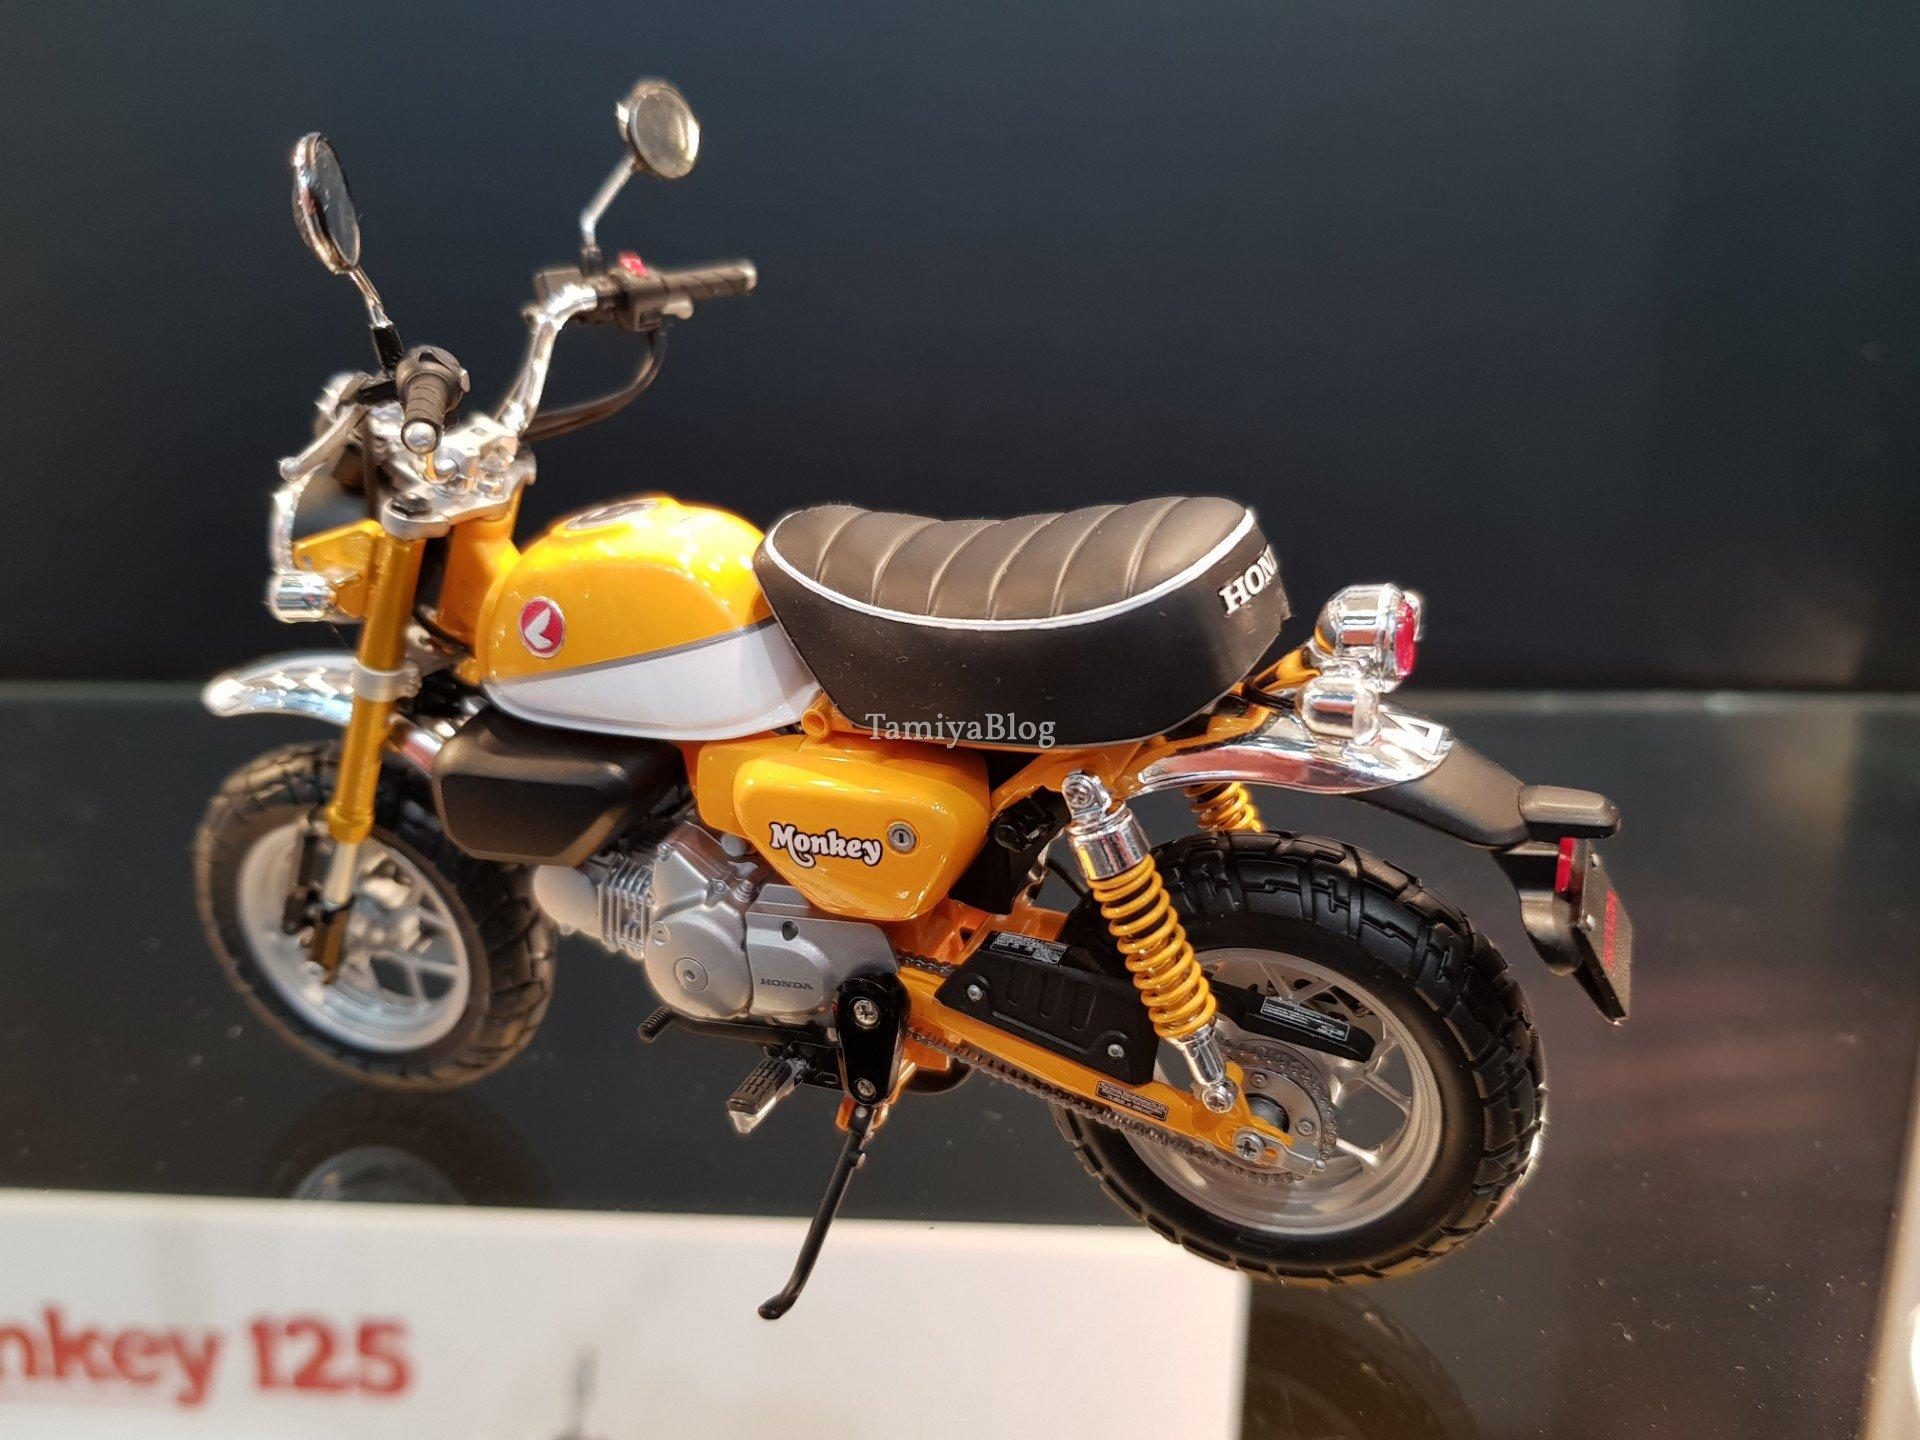 Tamiya 14134 Honda Monkey 125 Nuremberg Toy Fair 2019 Tamiyablog